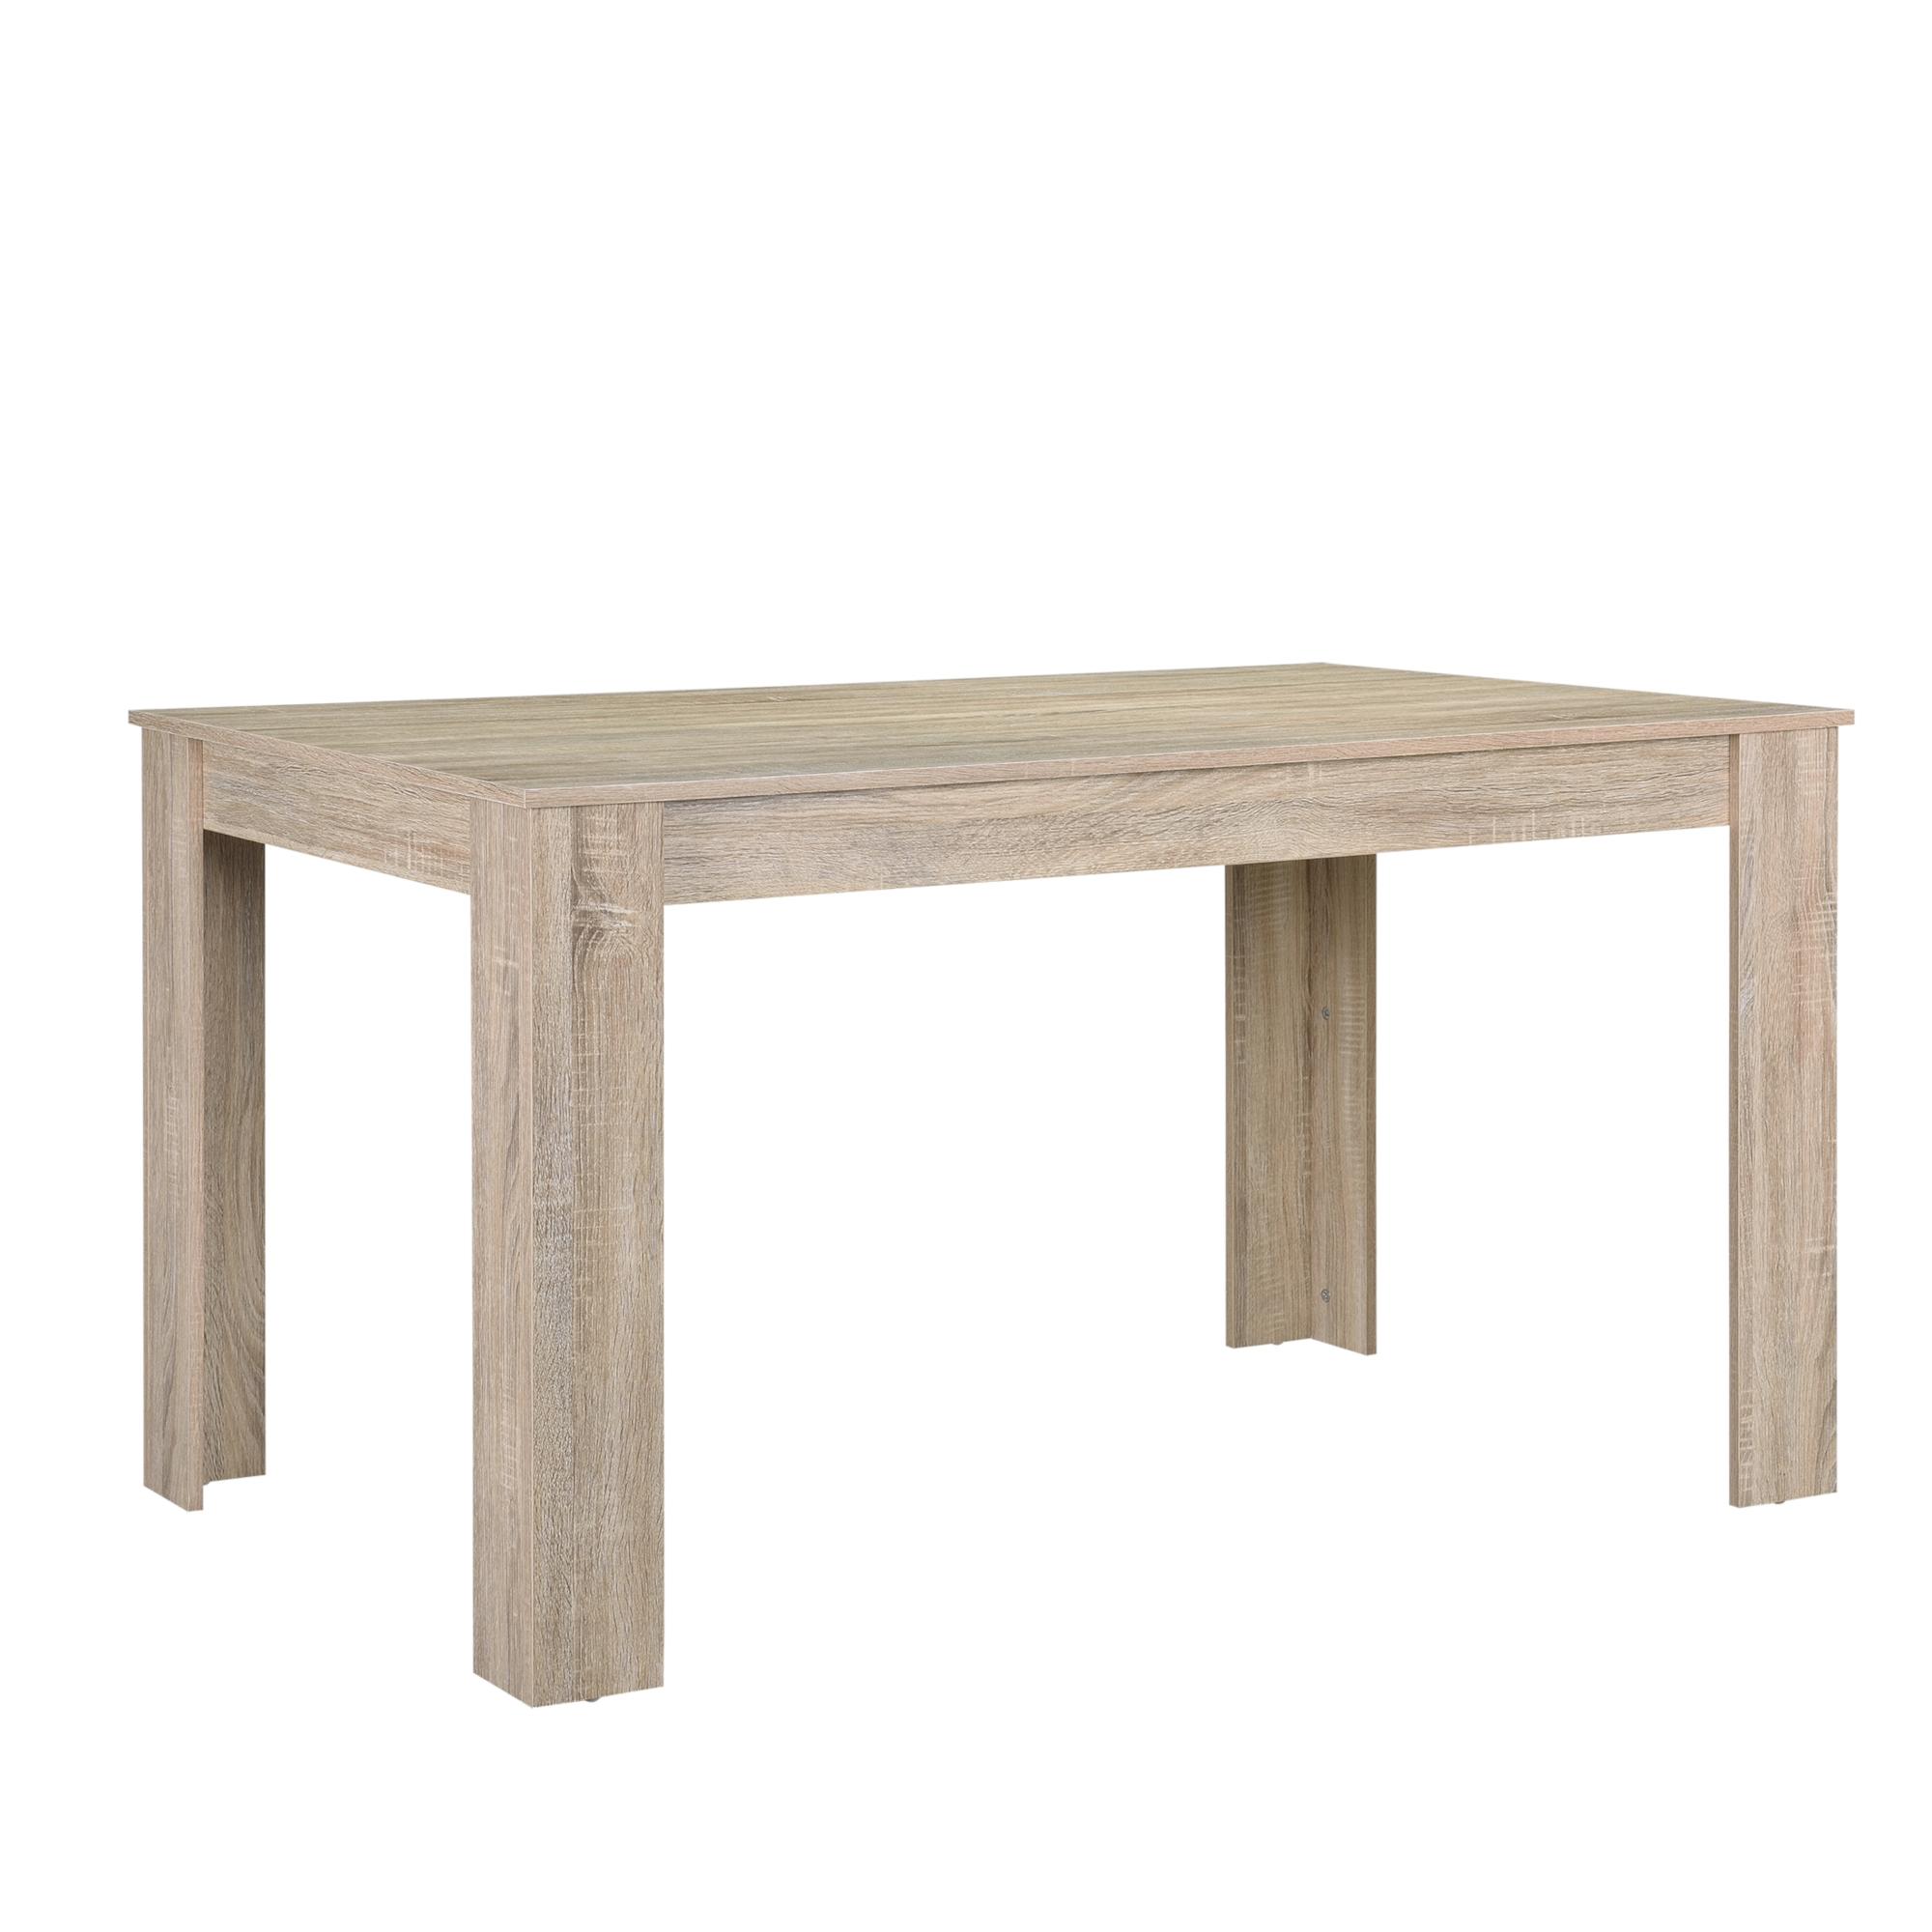 en-casa-Moderner-Esstisch-Tisch-Esszimmer-Kuechentisch-Retro-Rund-Eckig-Eiche